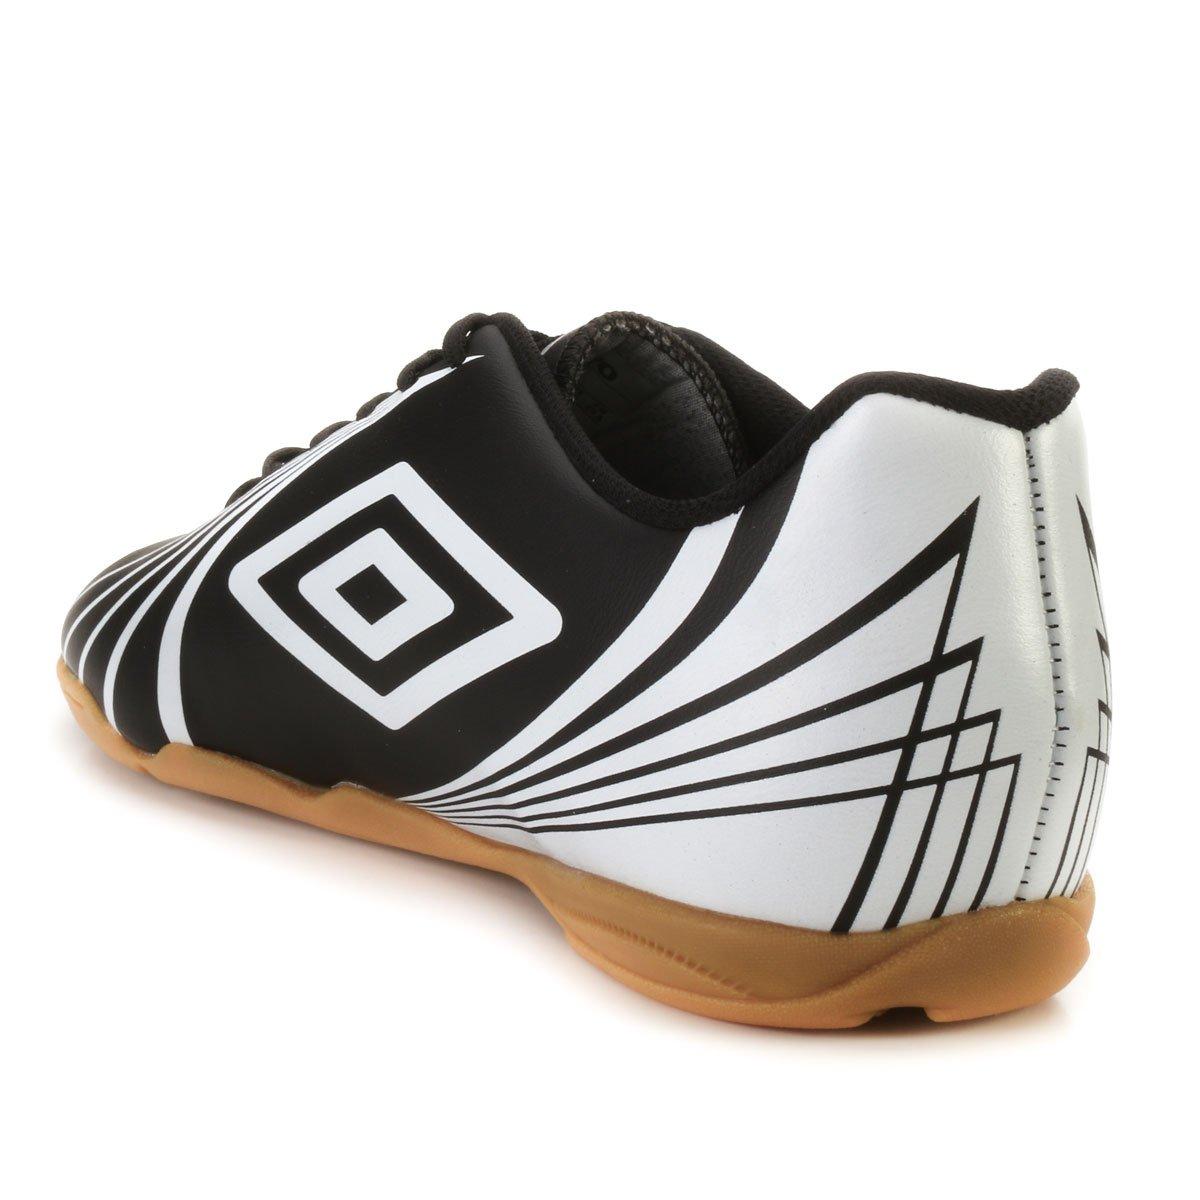 9433f33f19540 Tênis Futsal Umbro Sprint - Compre Agora